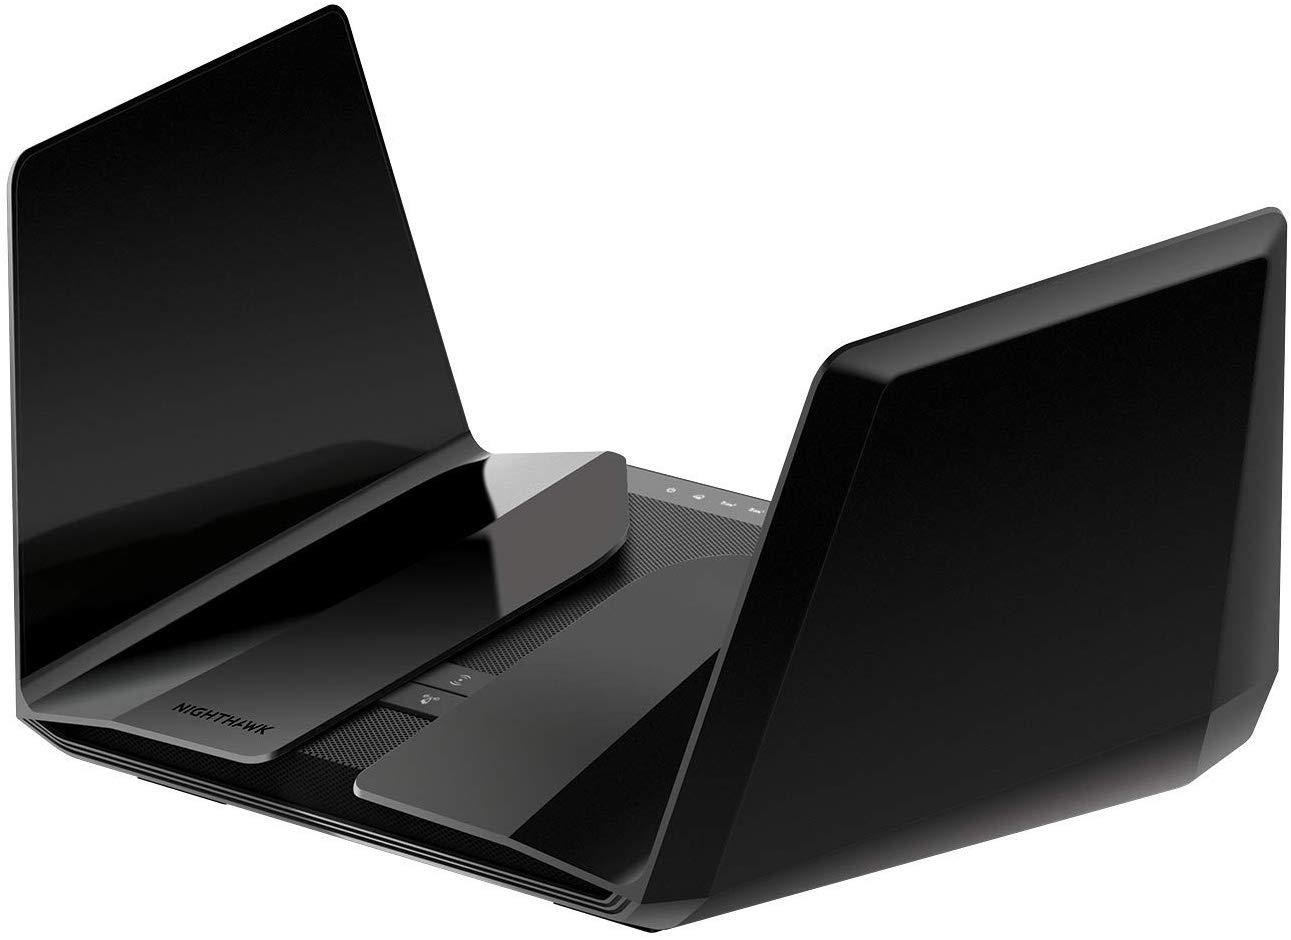 Router WiFi Nighthawk Tribanda AX12, todo un portento de la tecnología para disfrutar de las mejores prestaciones de WiFi 6